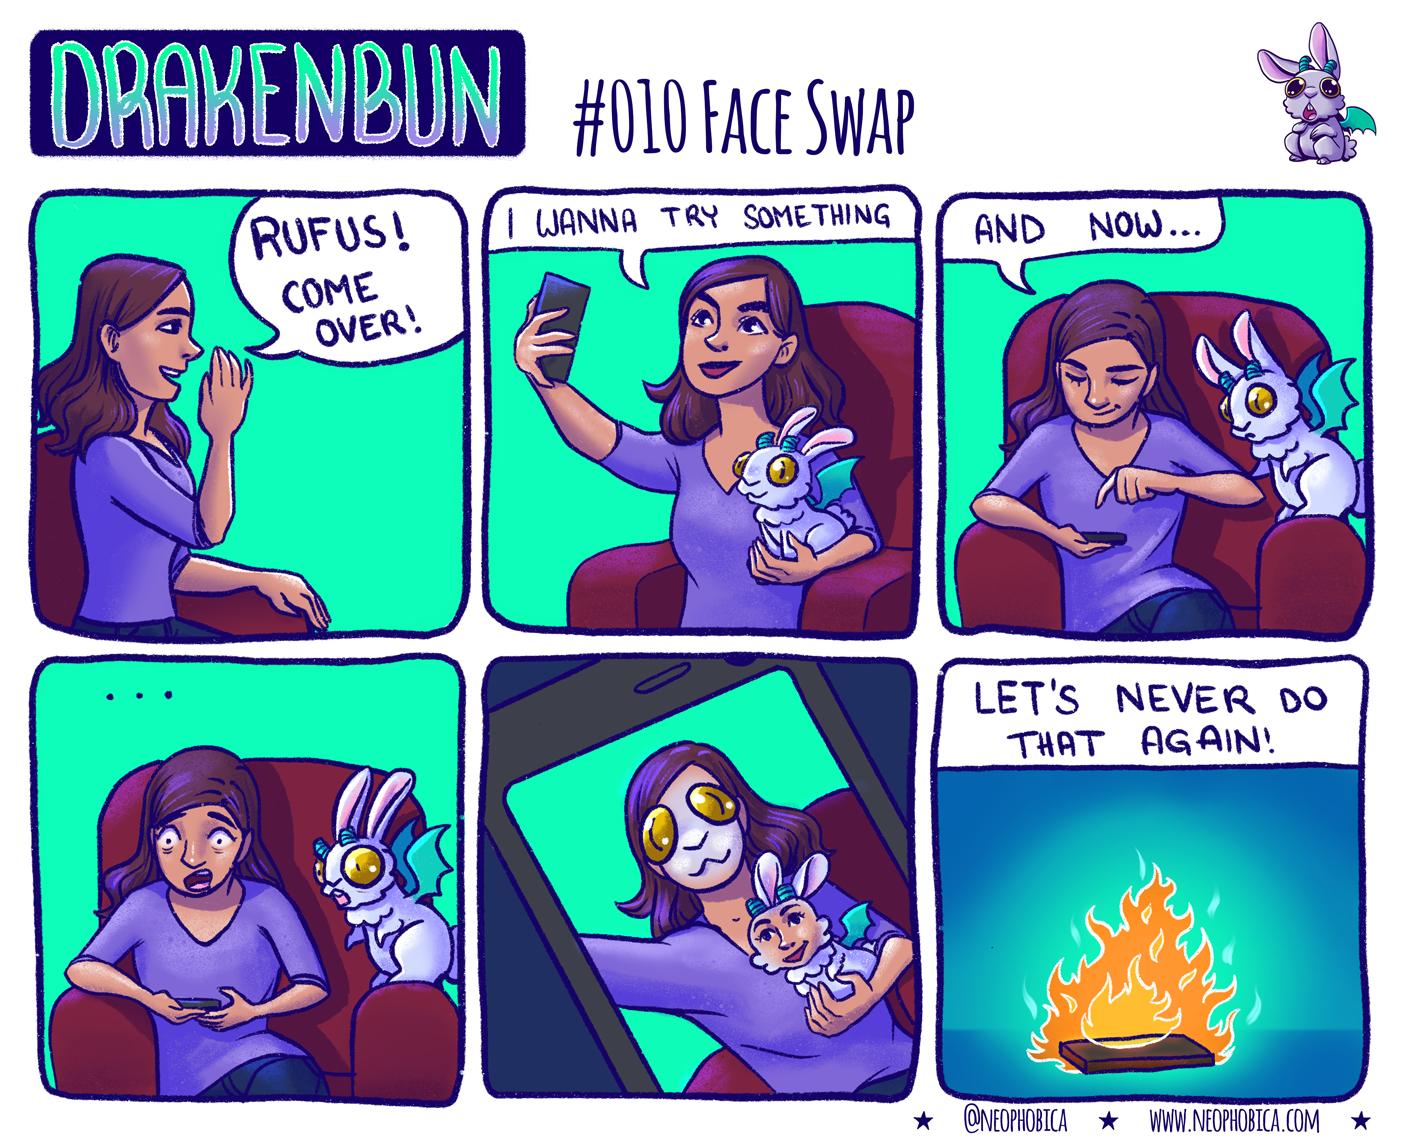 #010 Face Swap